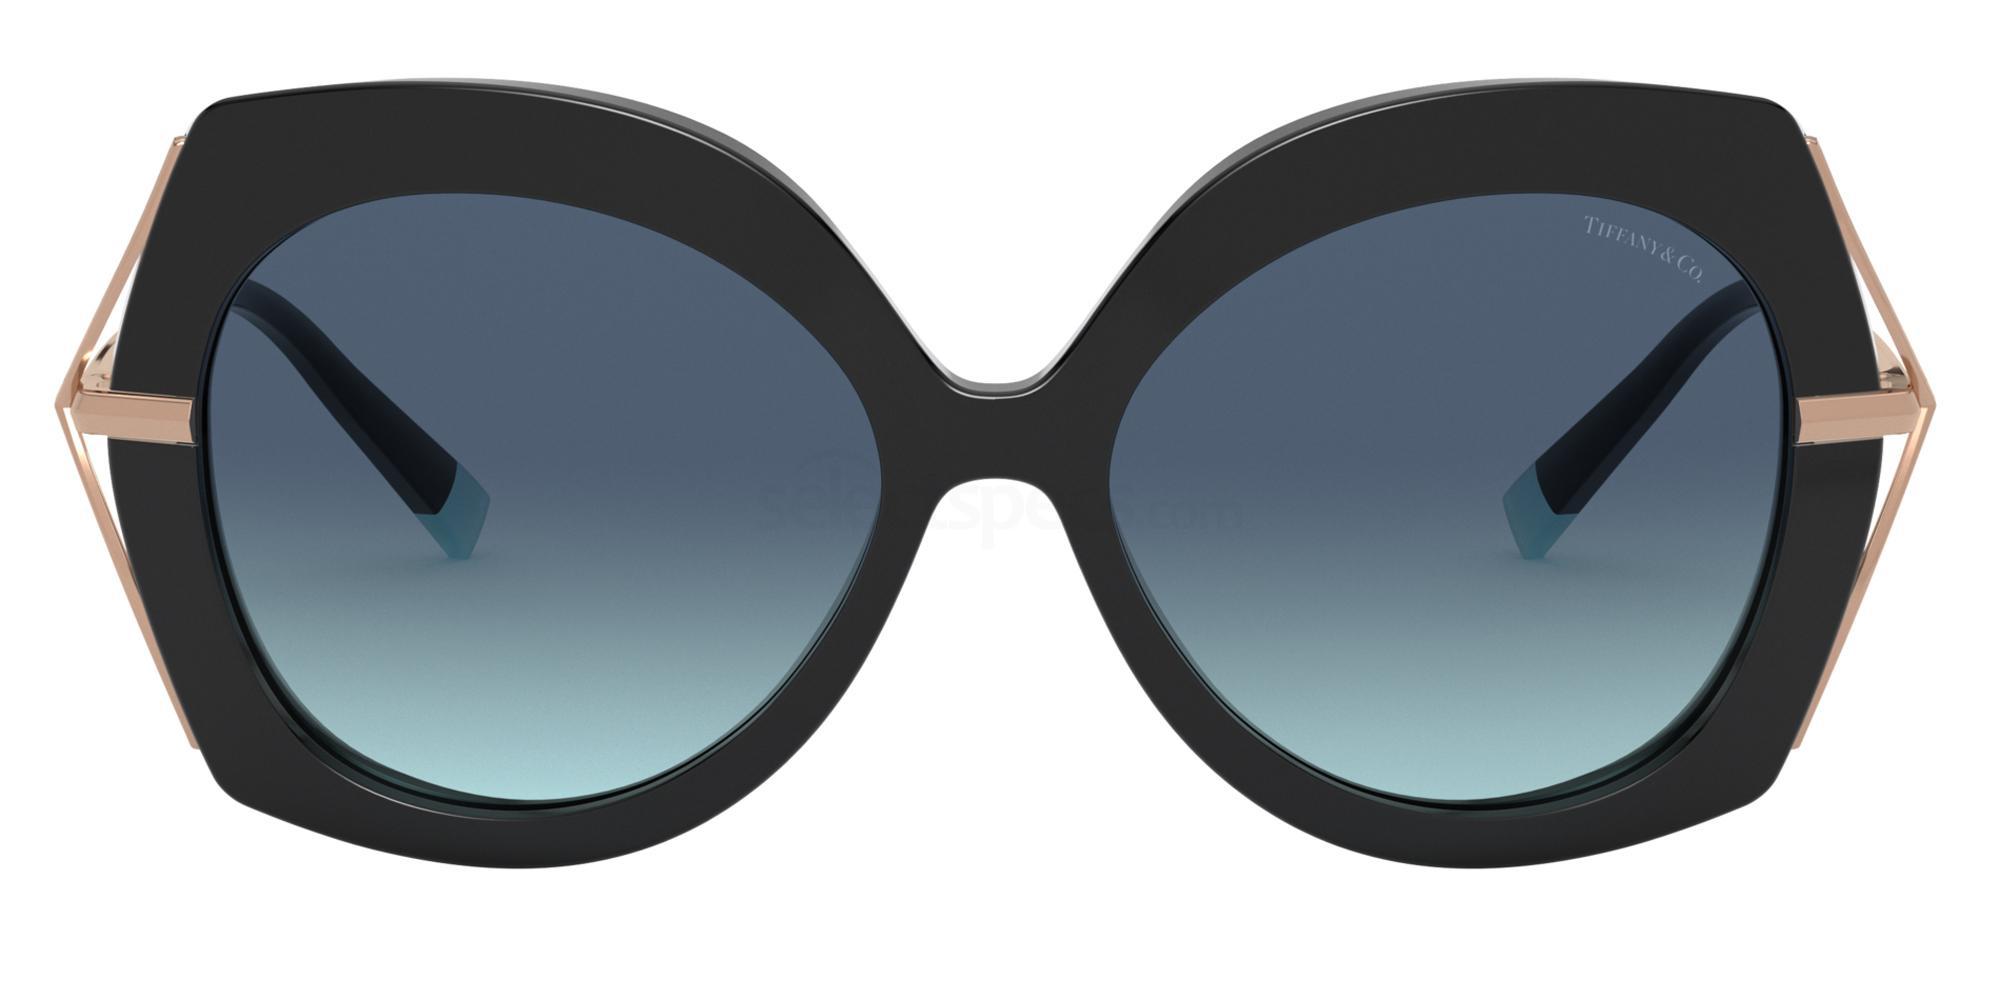 80019S TF4169 Sunglasses, Tiffany & Co.